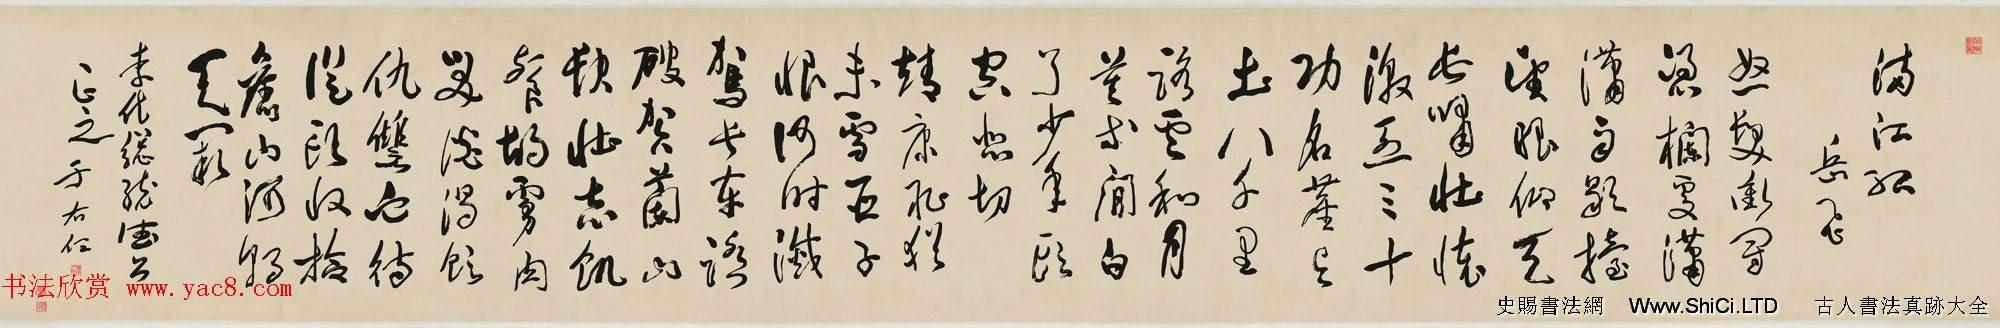 於右任草書作品真跡欣賞《滿江紅》李宗仁藏(共8張圖片)